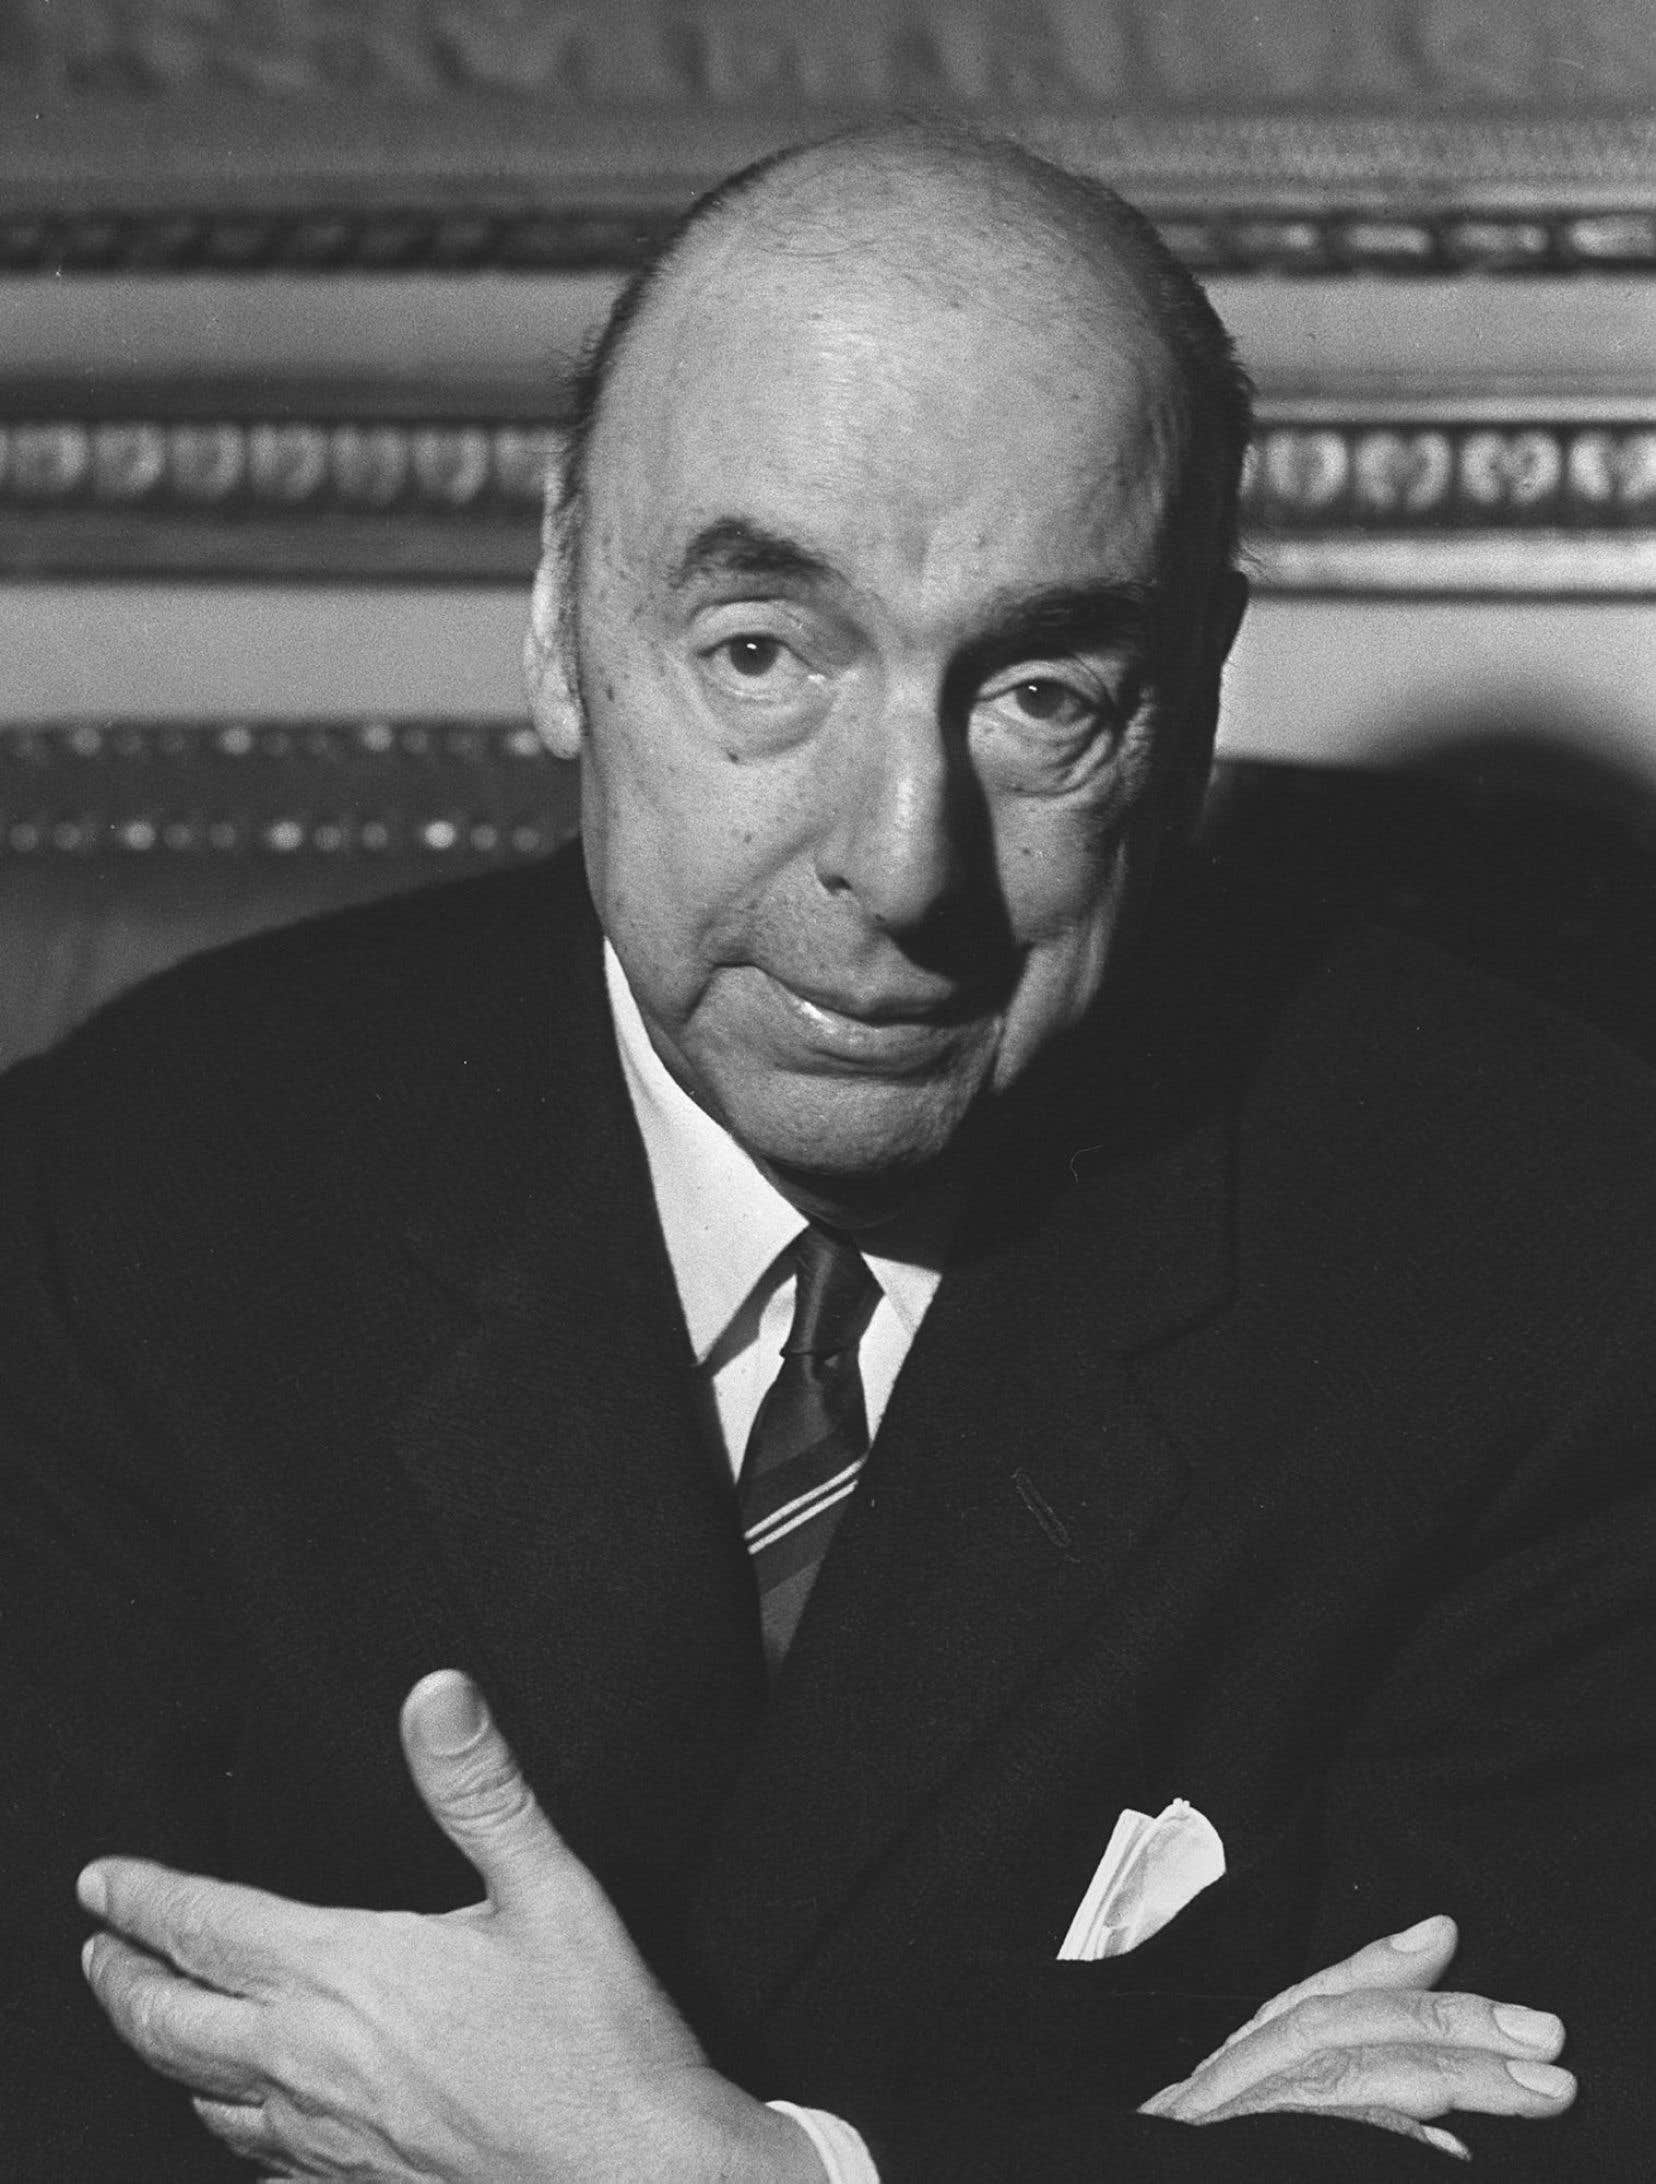 Selon le certificat de décès rédigé par la junte militaire alors au pouvoir au Chili, le poète Pablo Neruda est mort à 69 ans d'un cancer de la prostate.